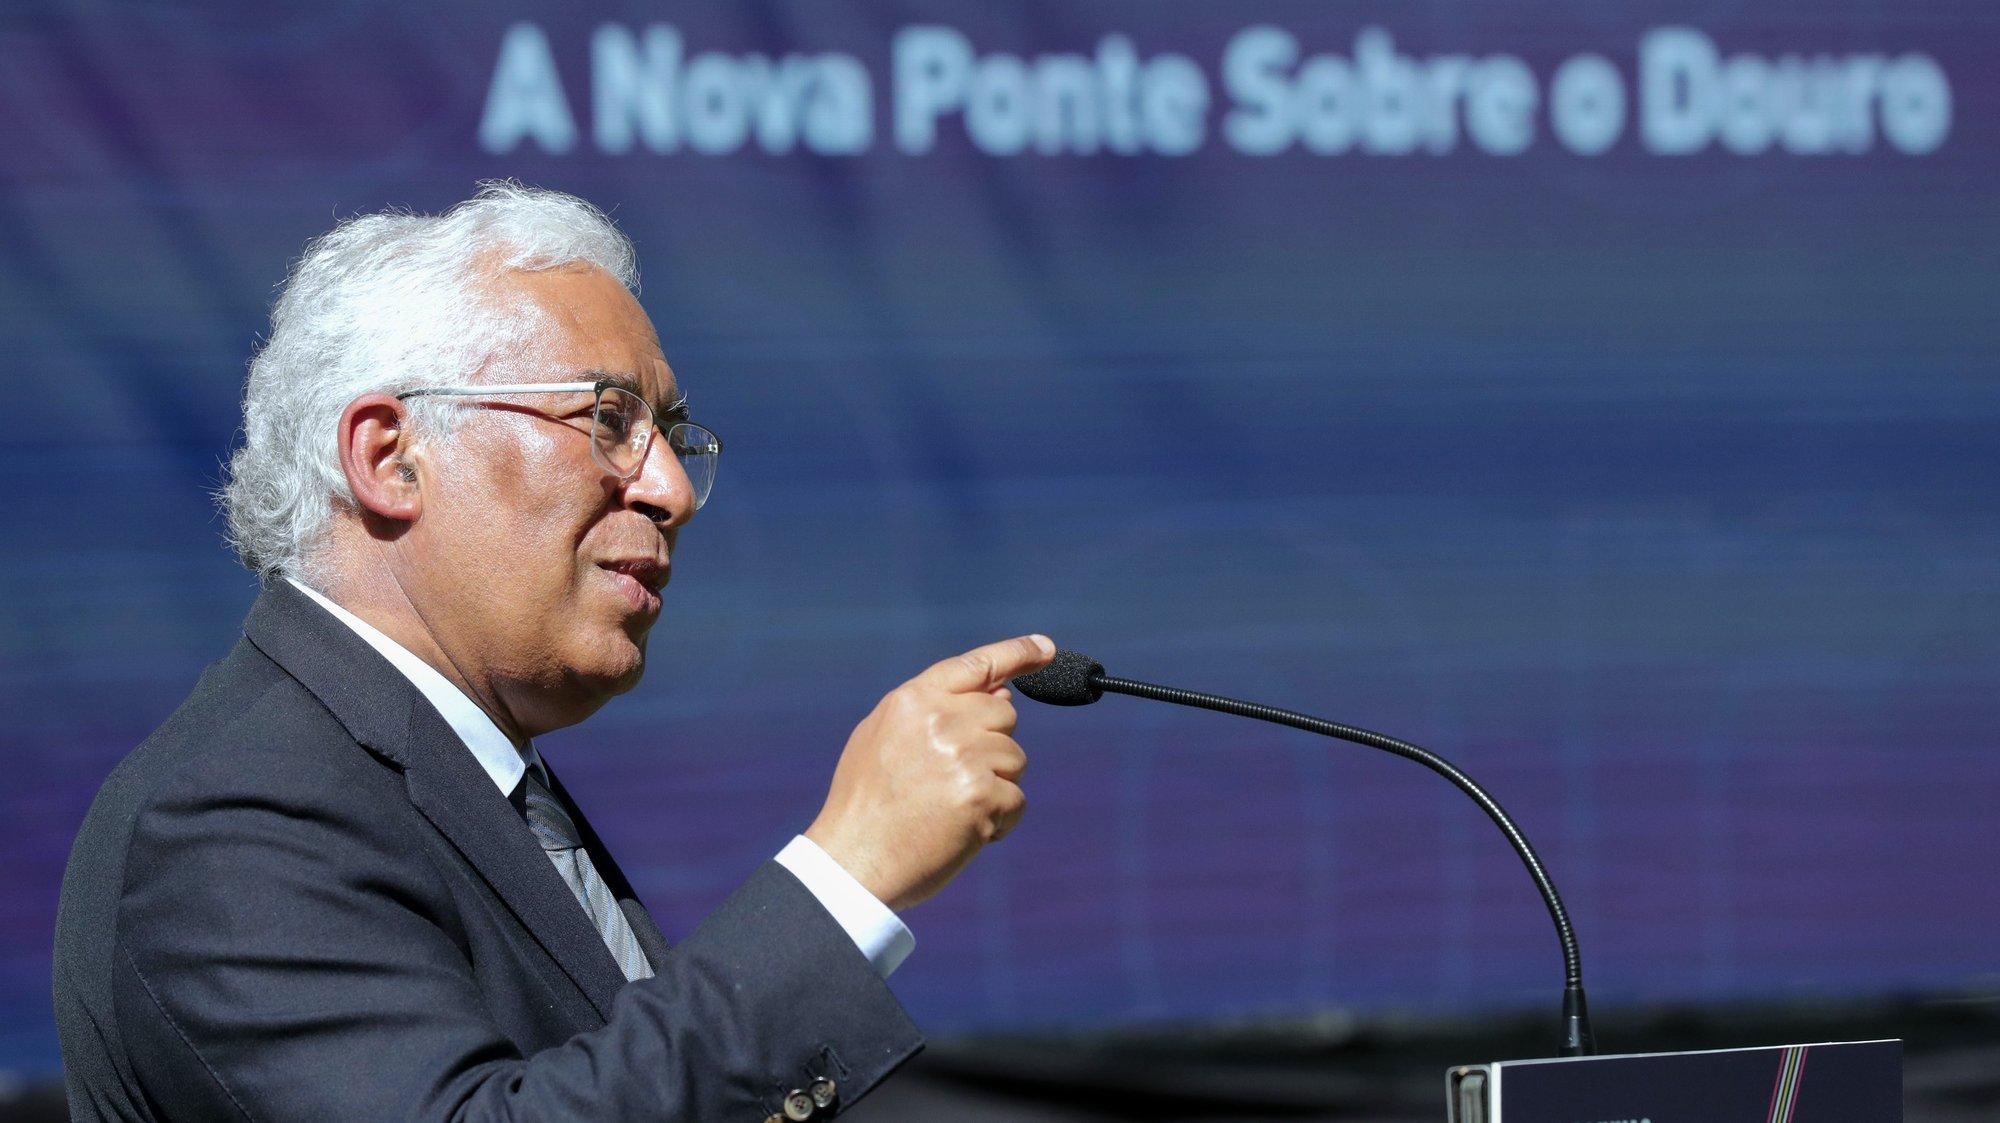 O primeiro-ministro, António Costa, discursa durante a cerimónia de lançamento do concurso público internacional para a nova ponte sobre o Rio Douro realizada nos Jardins do Palácio de Cristal, Porto, 16  de março de 2021. ESTELA SILVA/LUSA